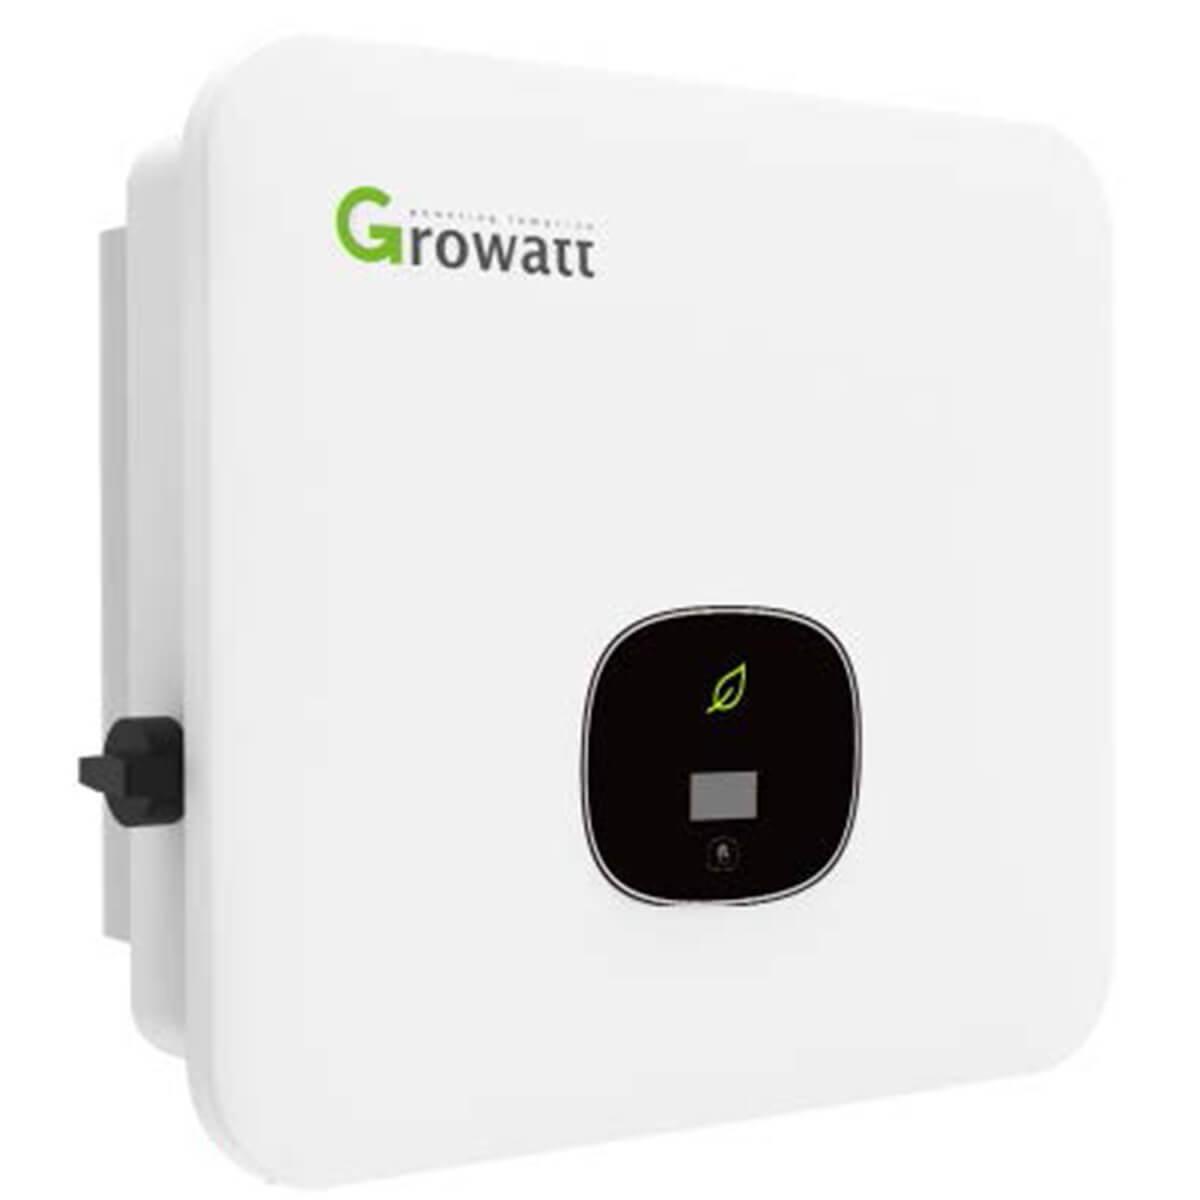 growatt 5000W trifaz inverter, growatt mod 5000W trifaz inverter, growatt mod 5000tl3-x trifaz inverter, growatt mod 5000tl3-x, growatt mod 5000 W, GROWATT 5000W